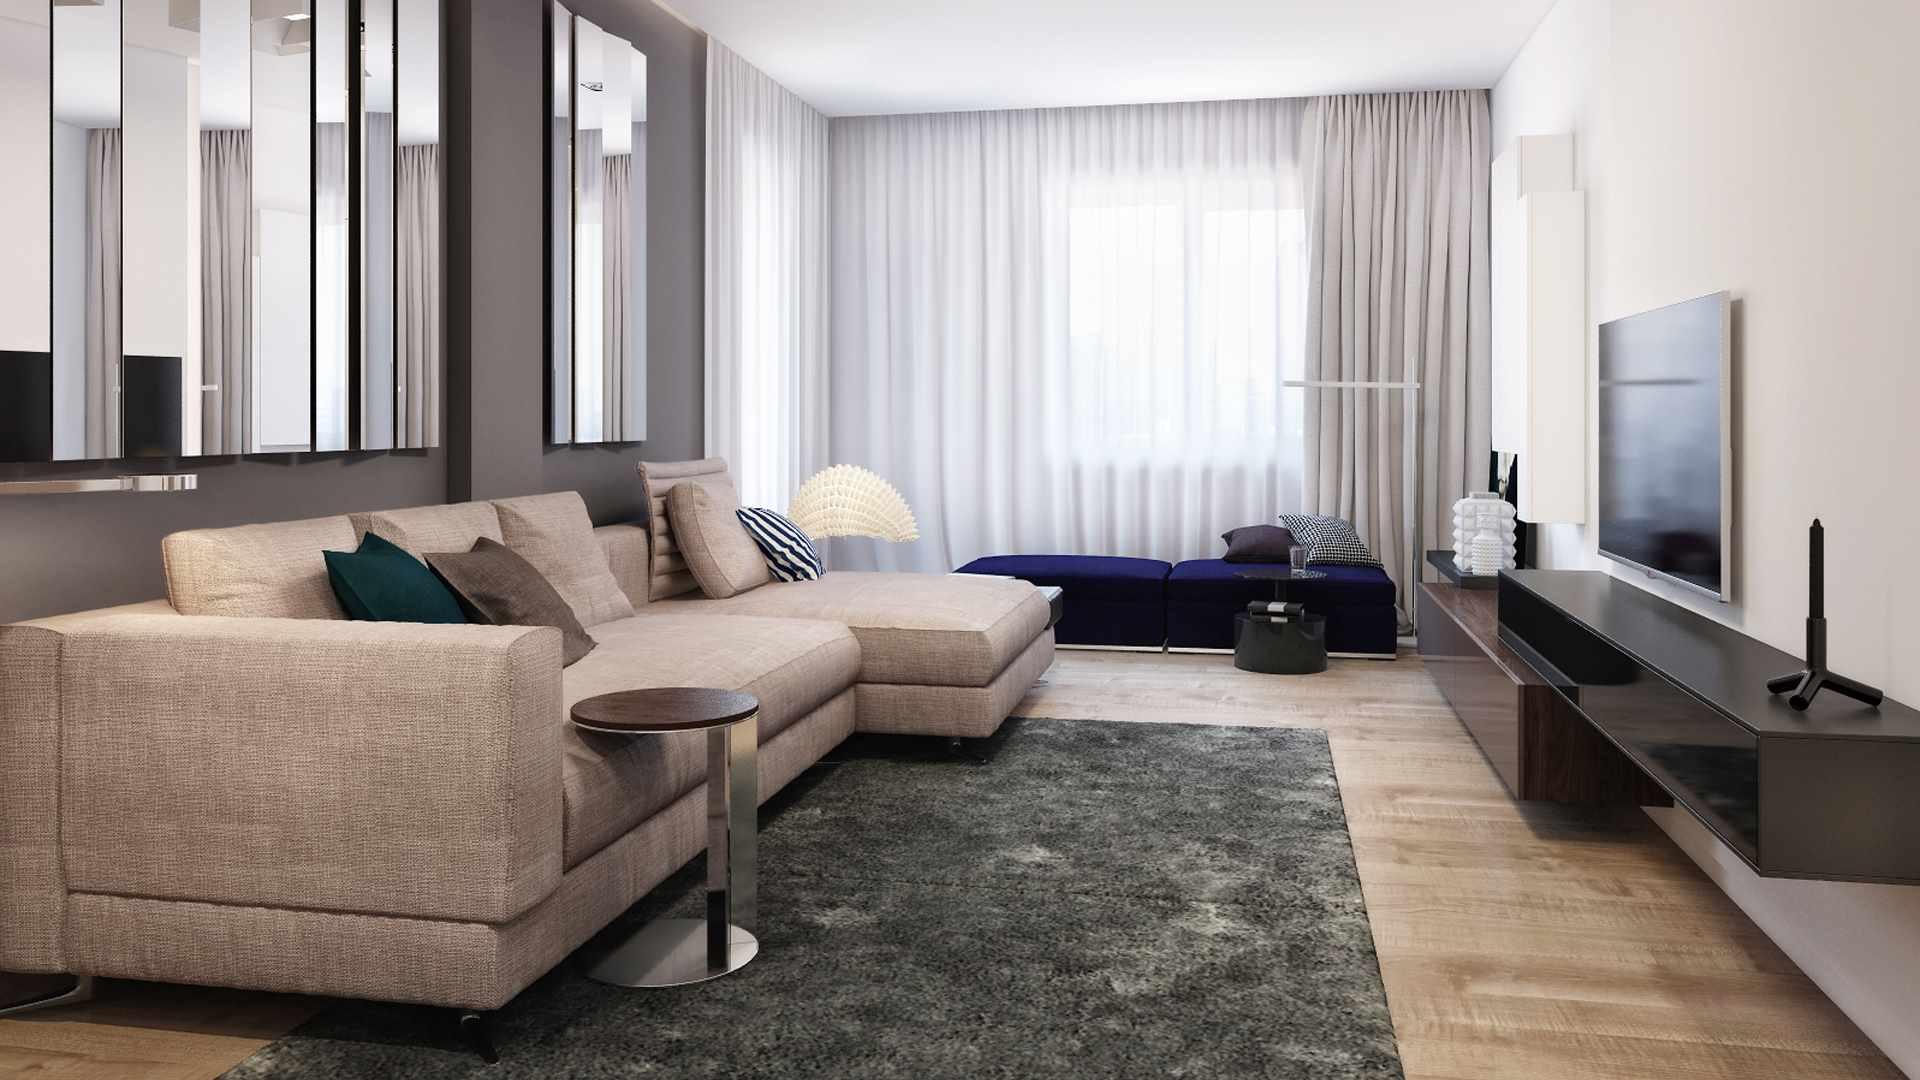 một ví dụ về việc sử dụng nội thất sáng sủa của phòng khách theo phong cách tối giản